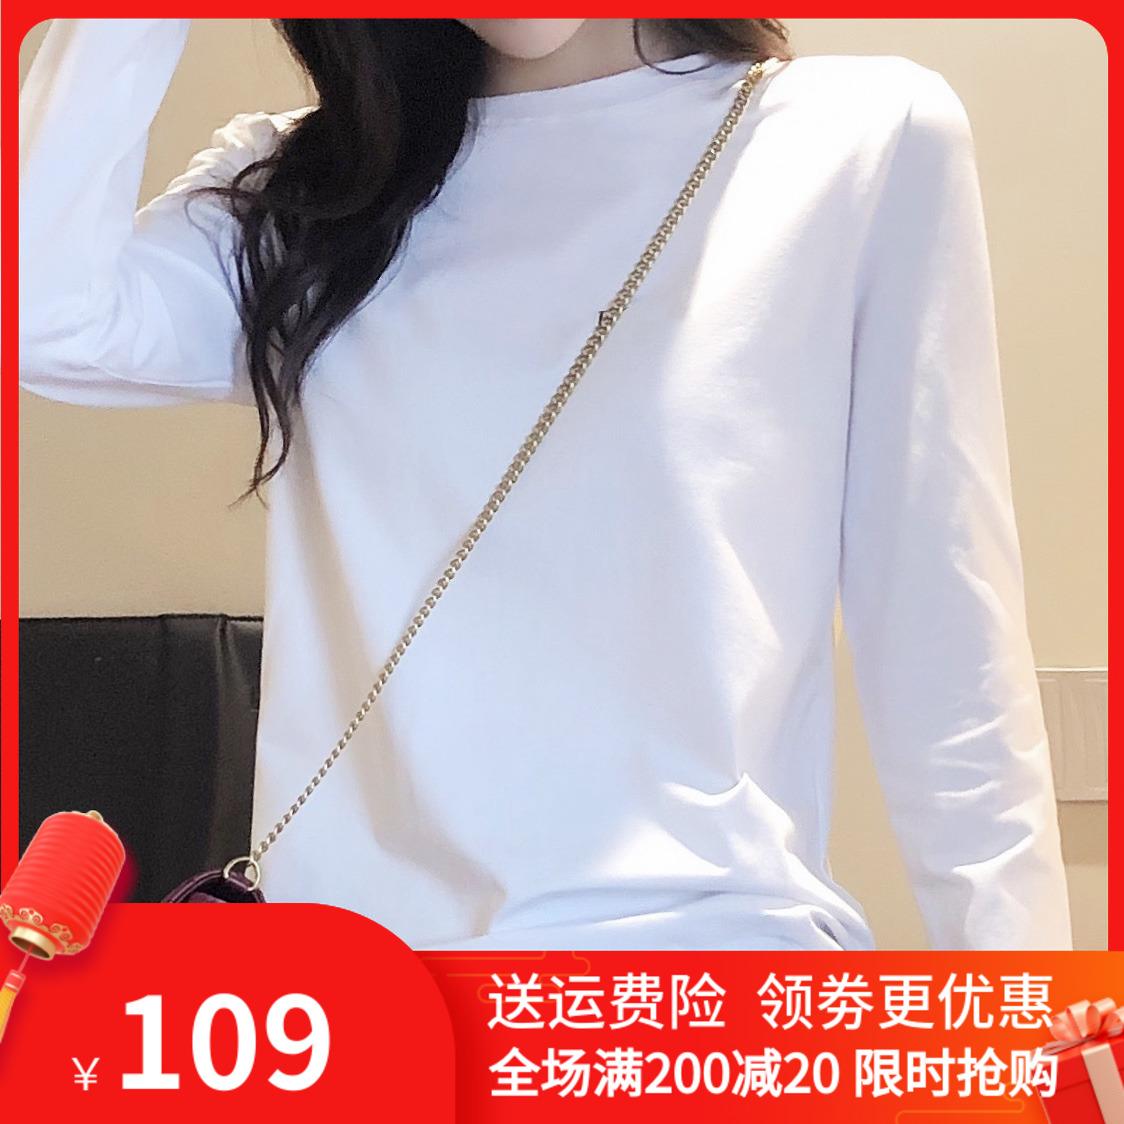 白色T恤 2021秋季白色T恤女长袖加绒纯色圆领百搭纯棉修身显瘦加厚打底衫_推荐淘宝好看的白色T恤